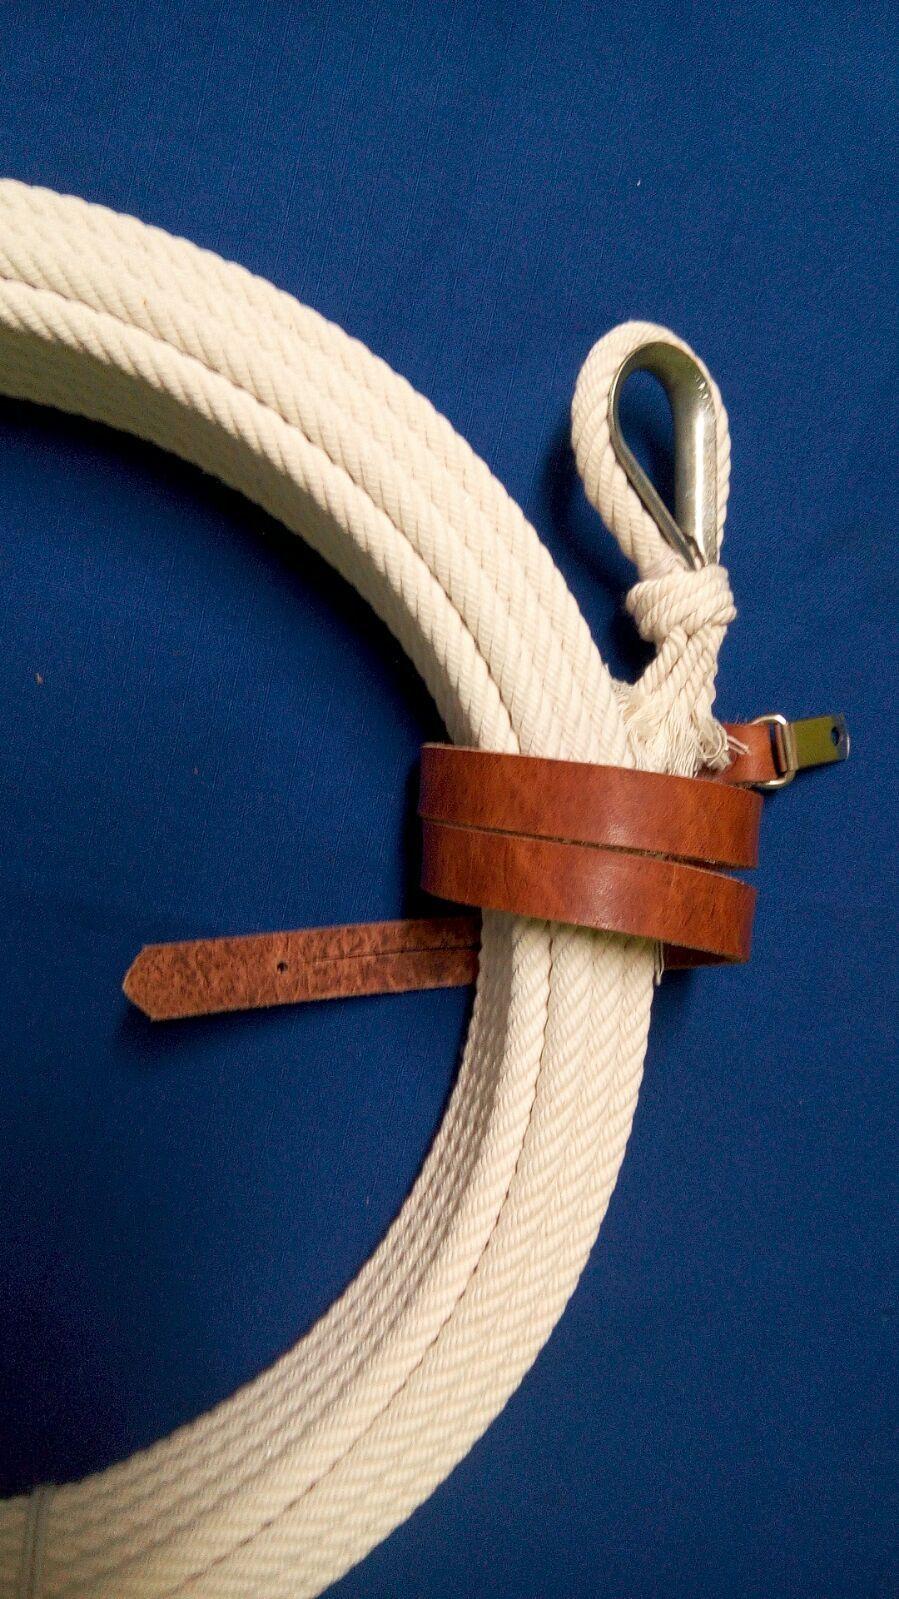 68 FT. 3 8  width   ROPE RIATA CHARRO SOGA COTTON LARIAT LASSO LASO REATA lazo  up to 60% off